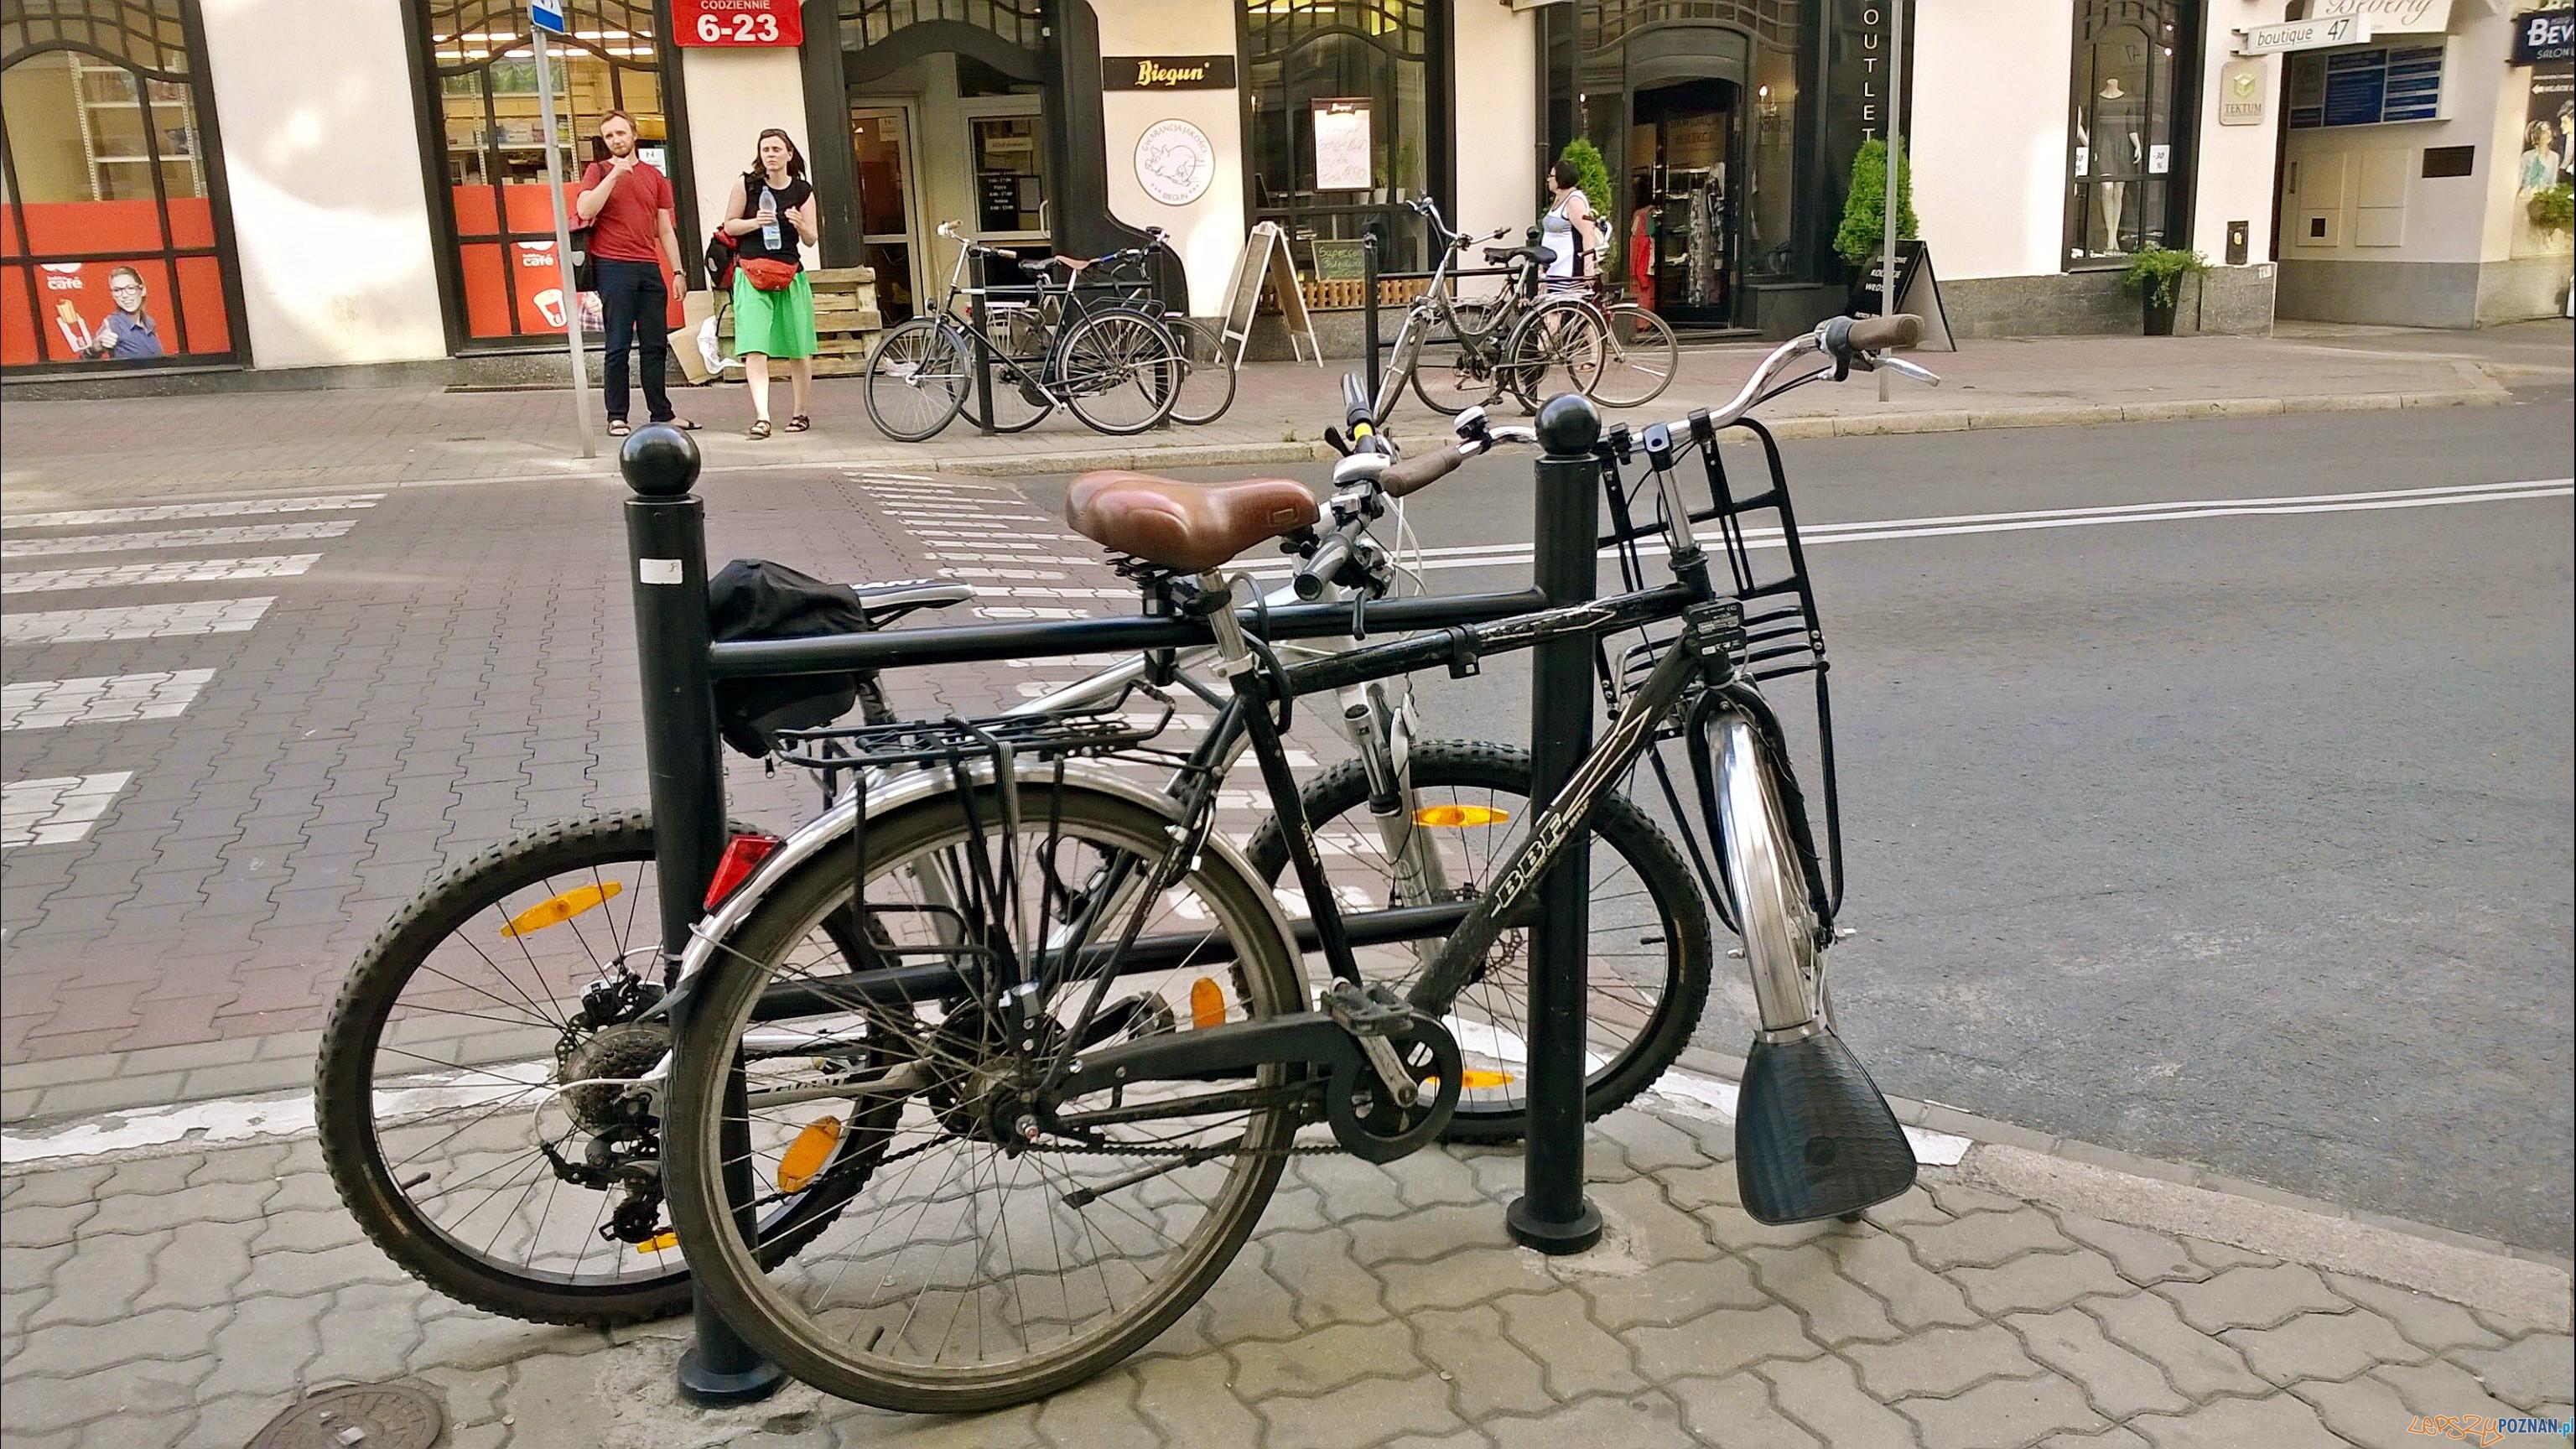 Stojak rowerowy przy ul. 3 maja  Foto: Tomasz Dworek